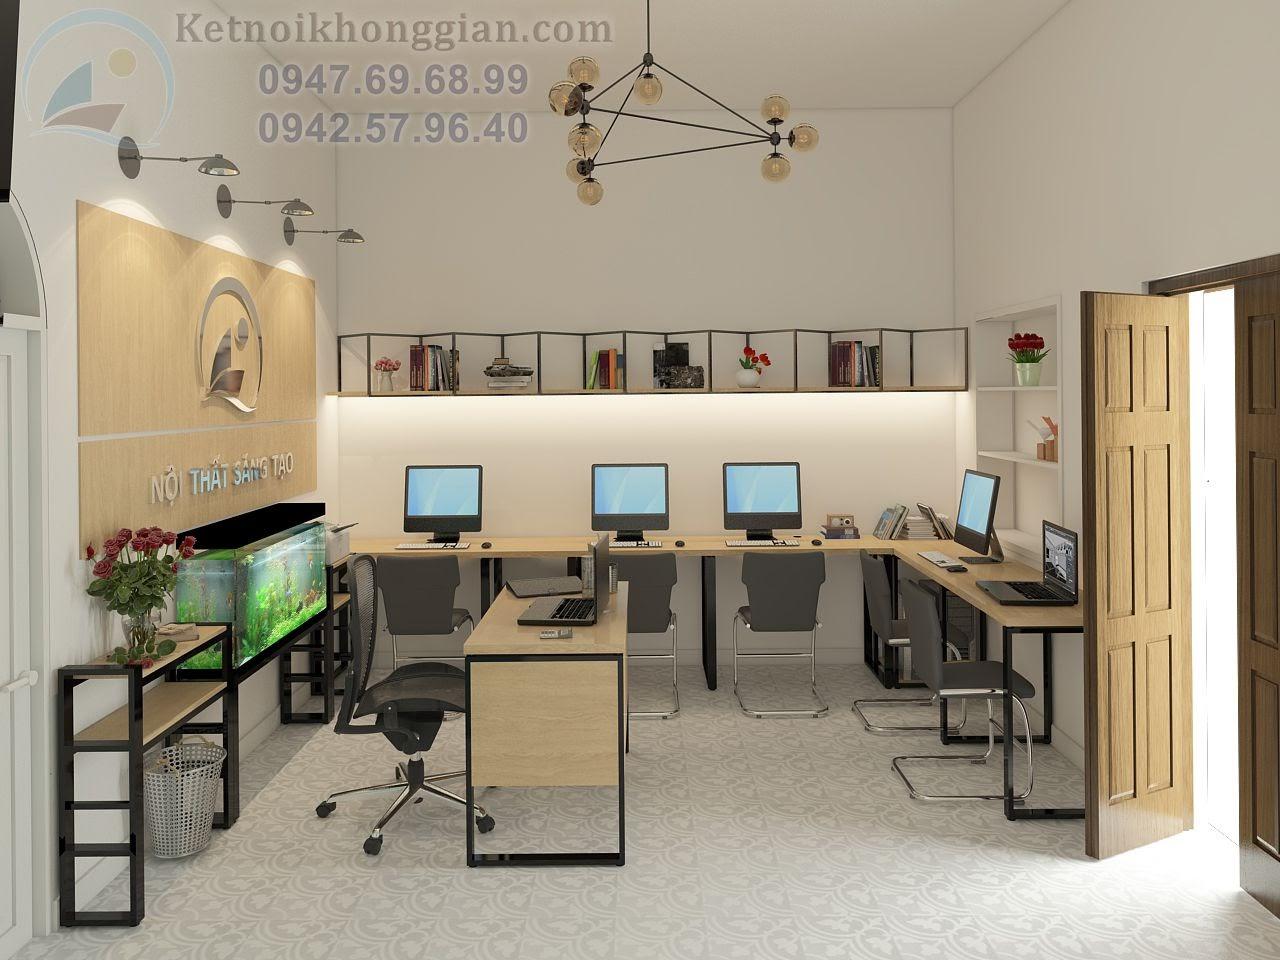 thiết kế văn phòng công ty phong cách trẻ trung